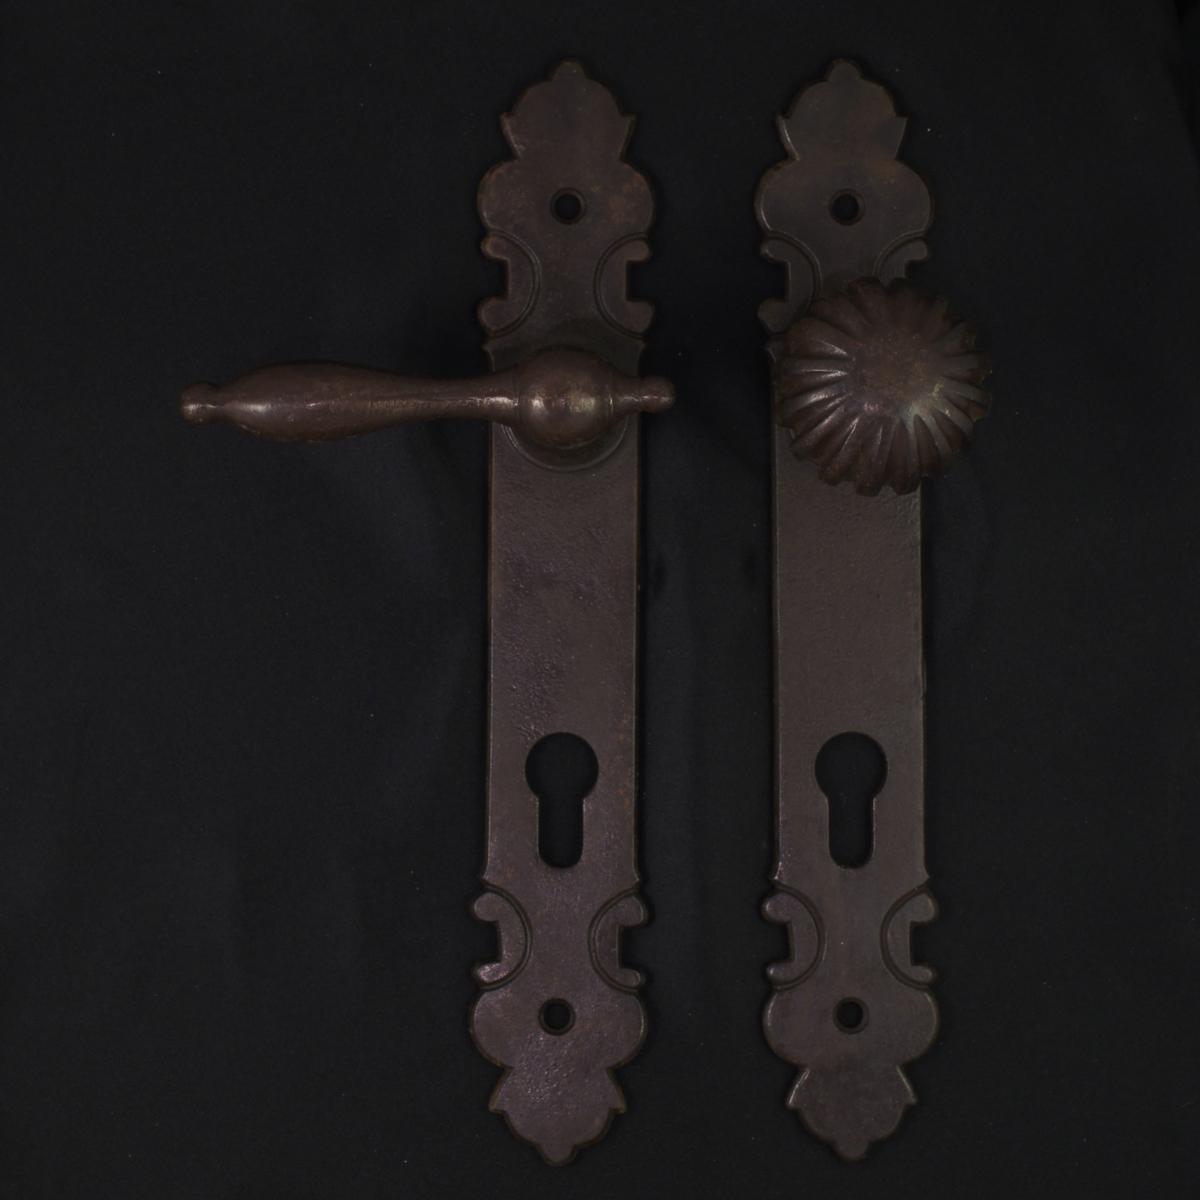 Haustür Langschildgarnitur - antike Türdrücker, Türklinken, Türbeschläge